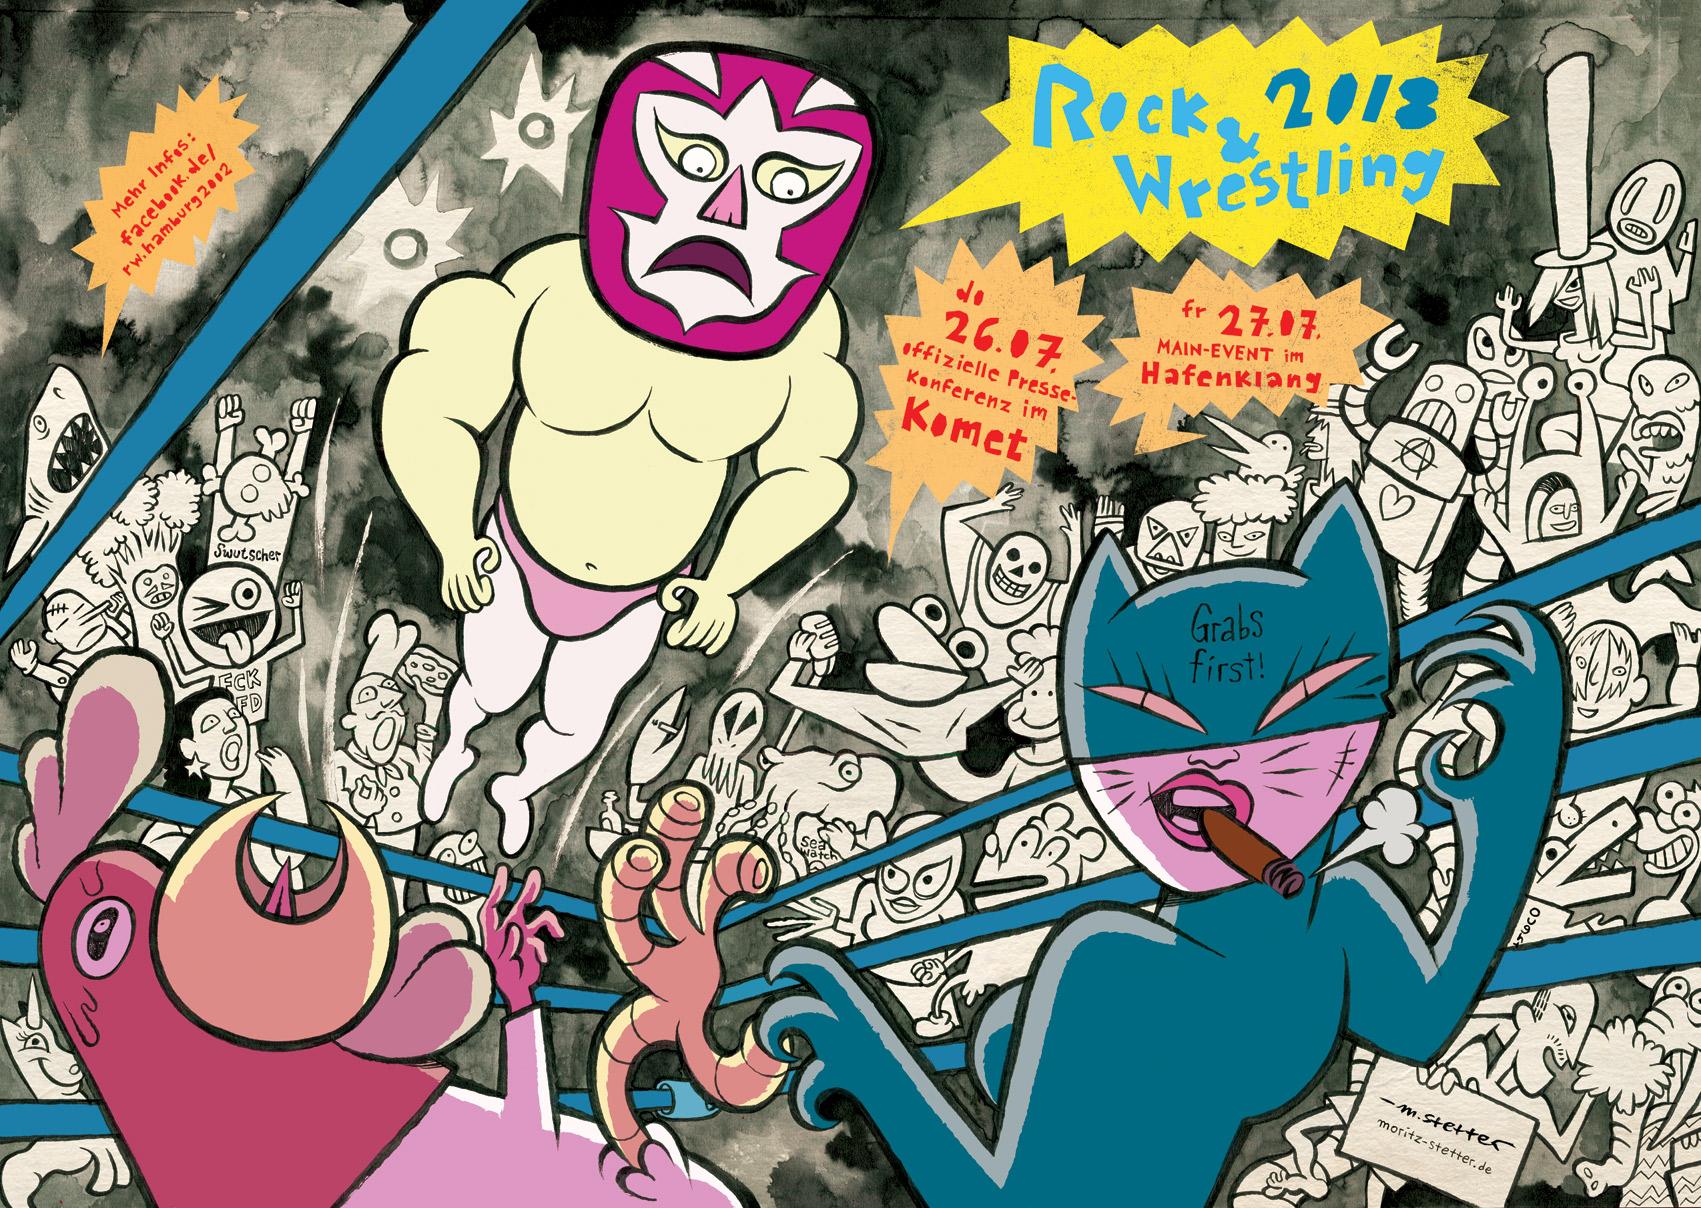 """Poster / Flyer Illustration für """"Rock & Wrestling 2018"""", im Komet und Hafenklang, Hamburg."""